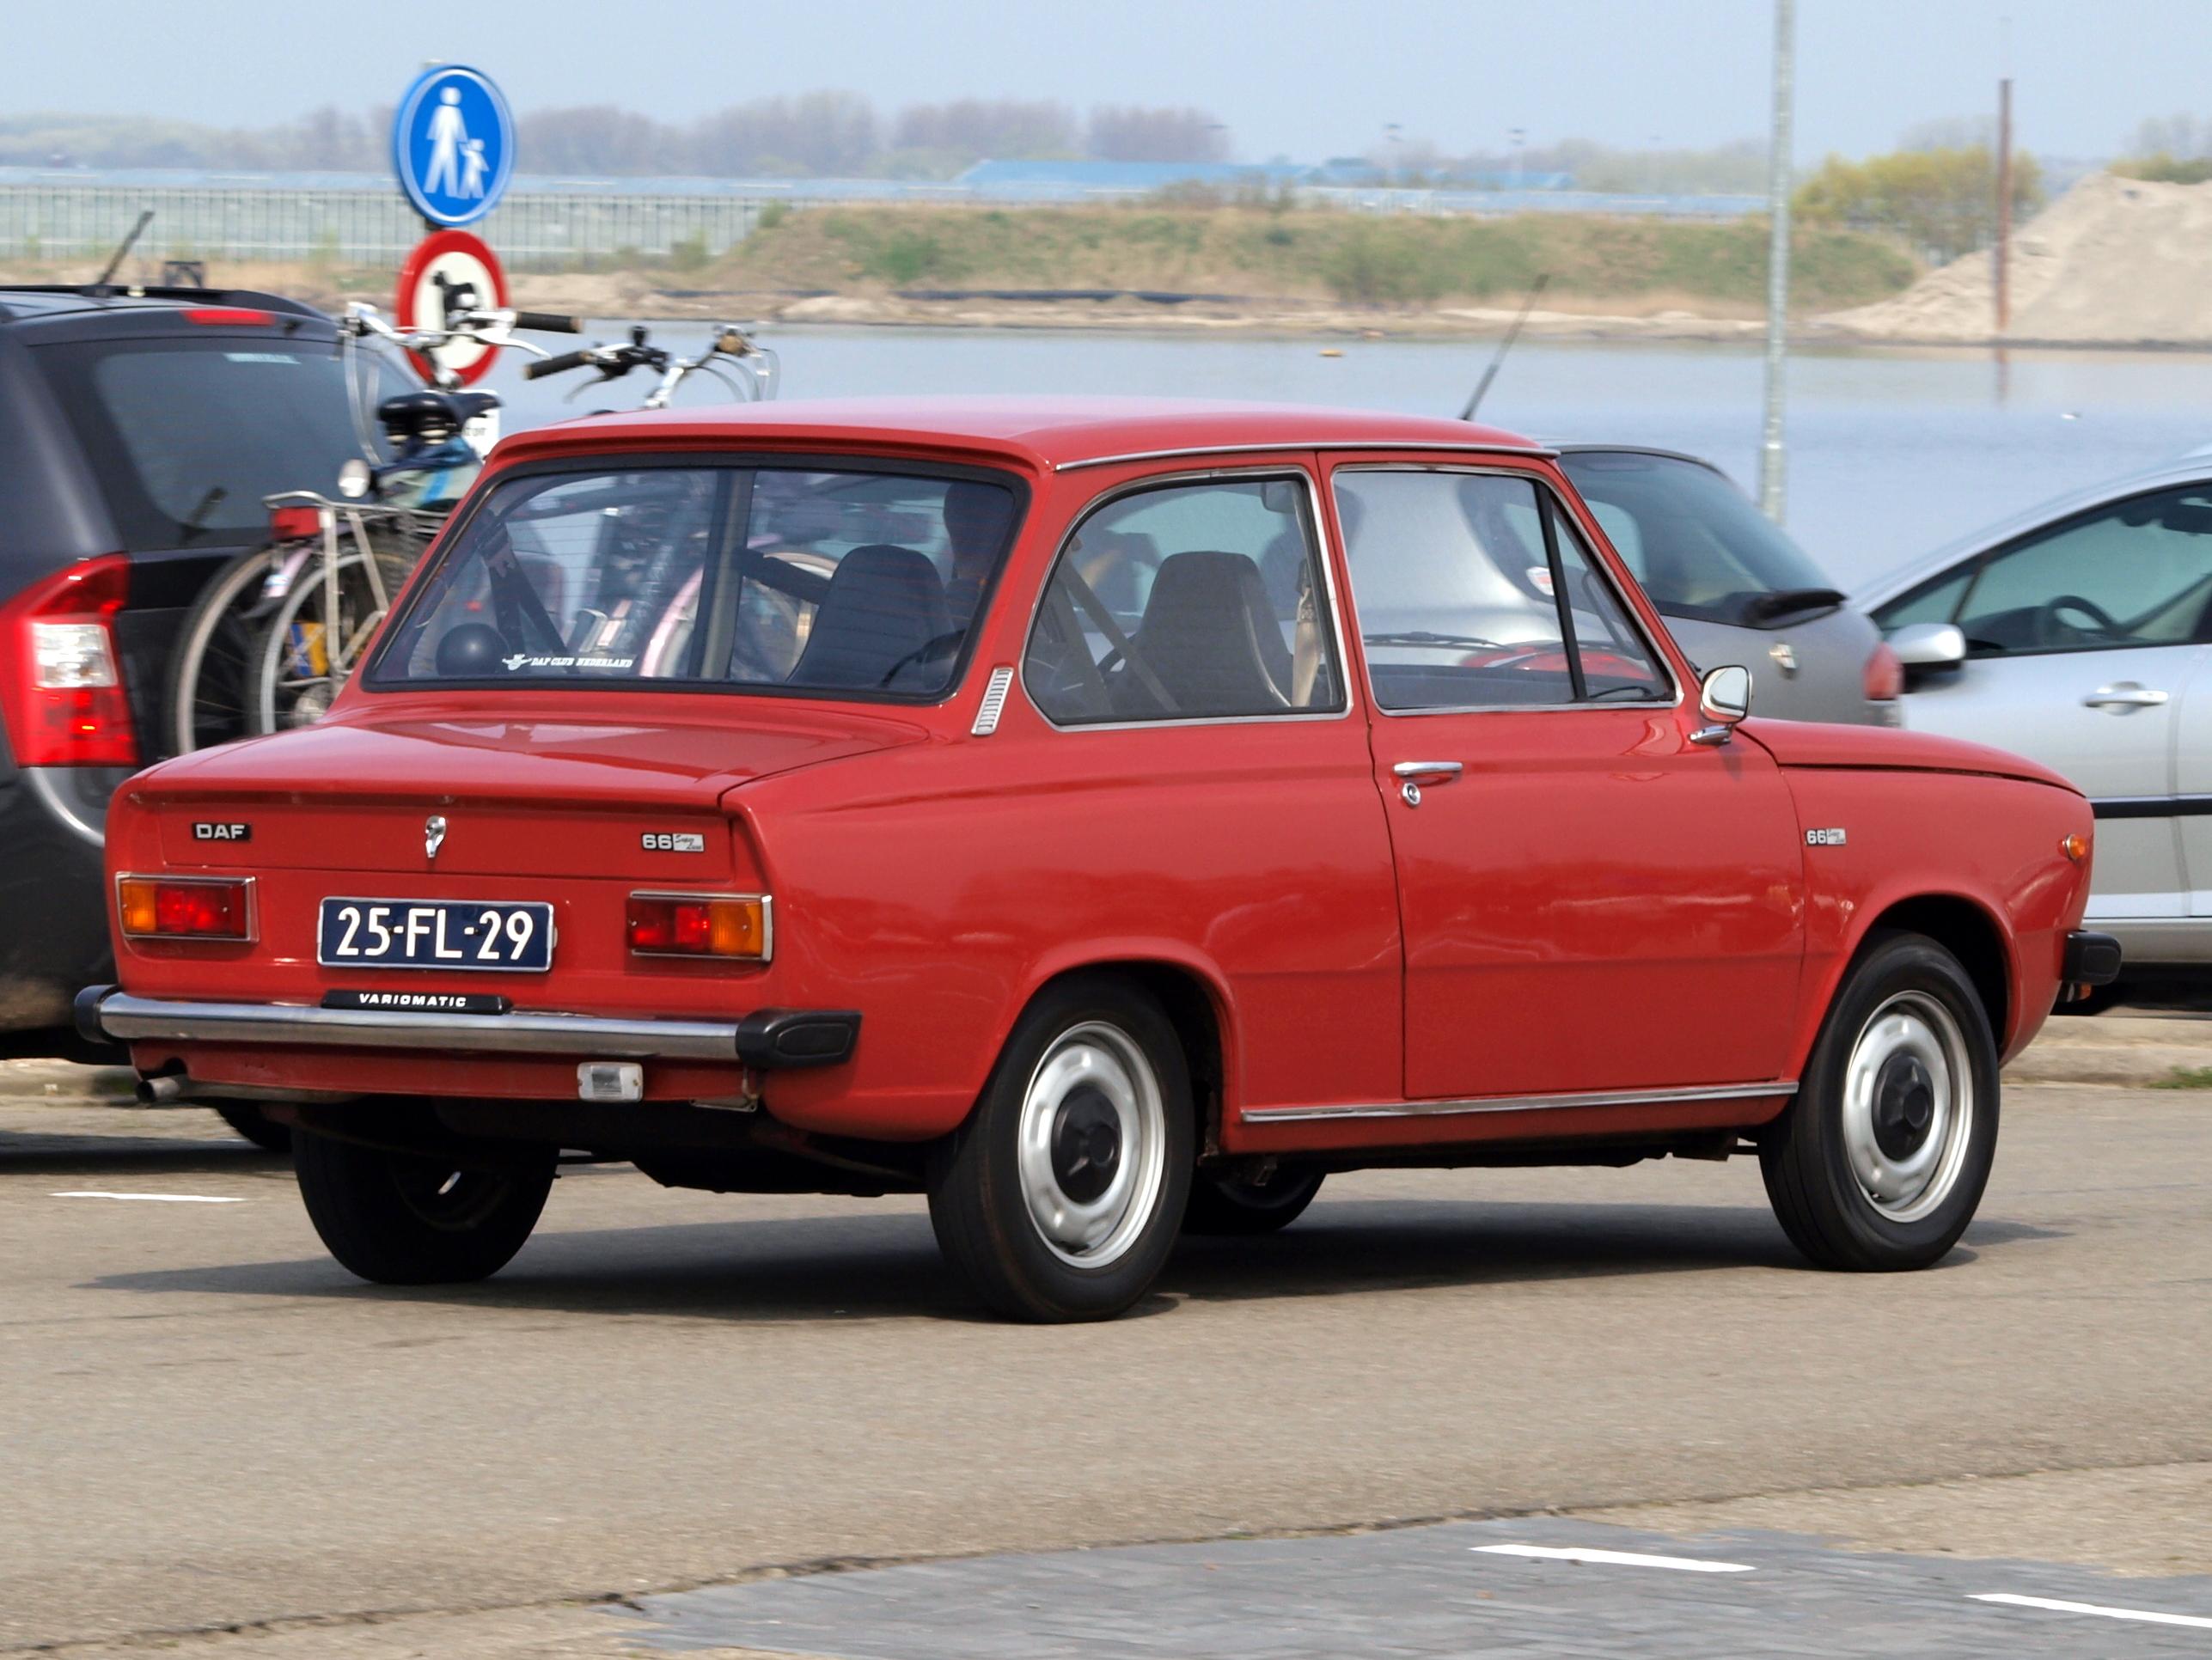 File Daf 66 23 1976 Dutch Licence Registration 25 Fl 29